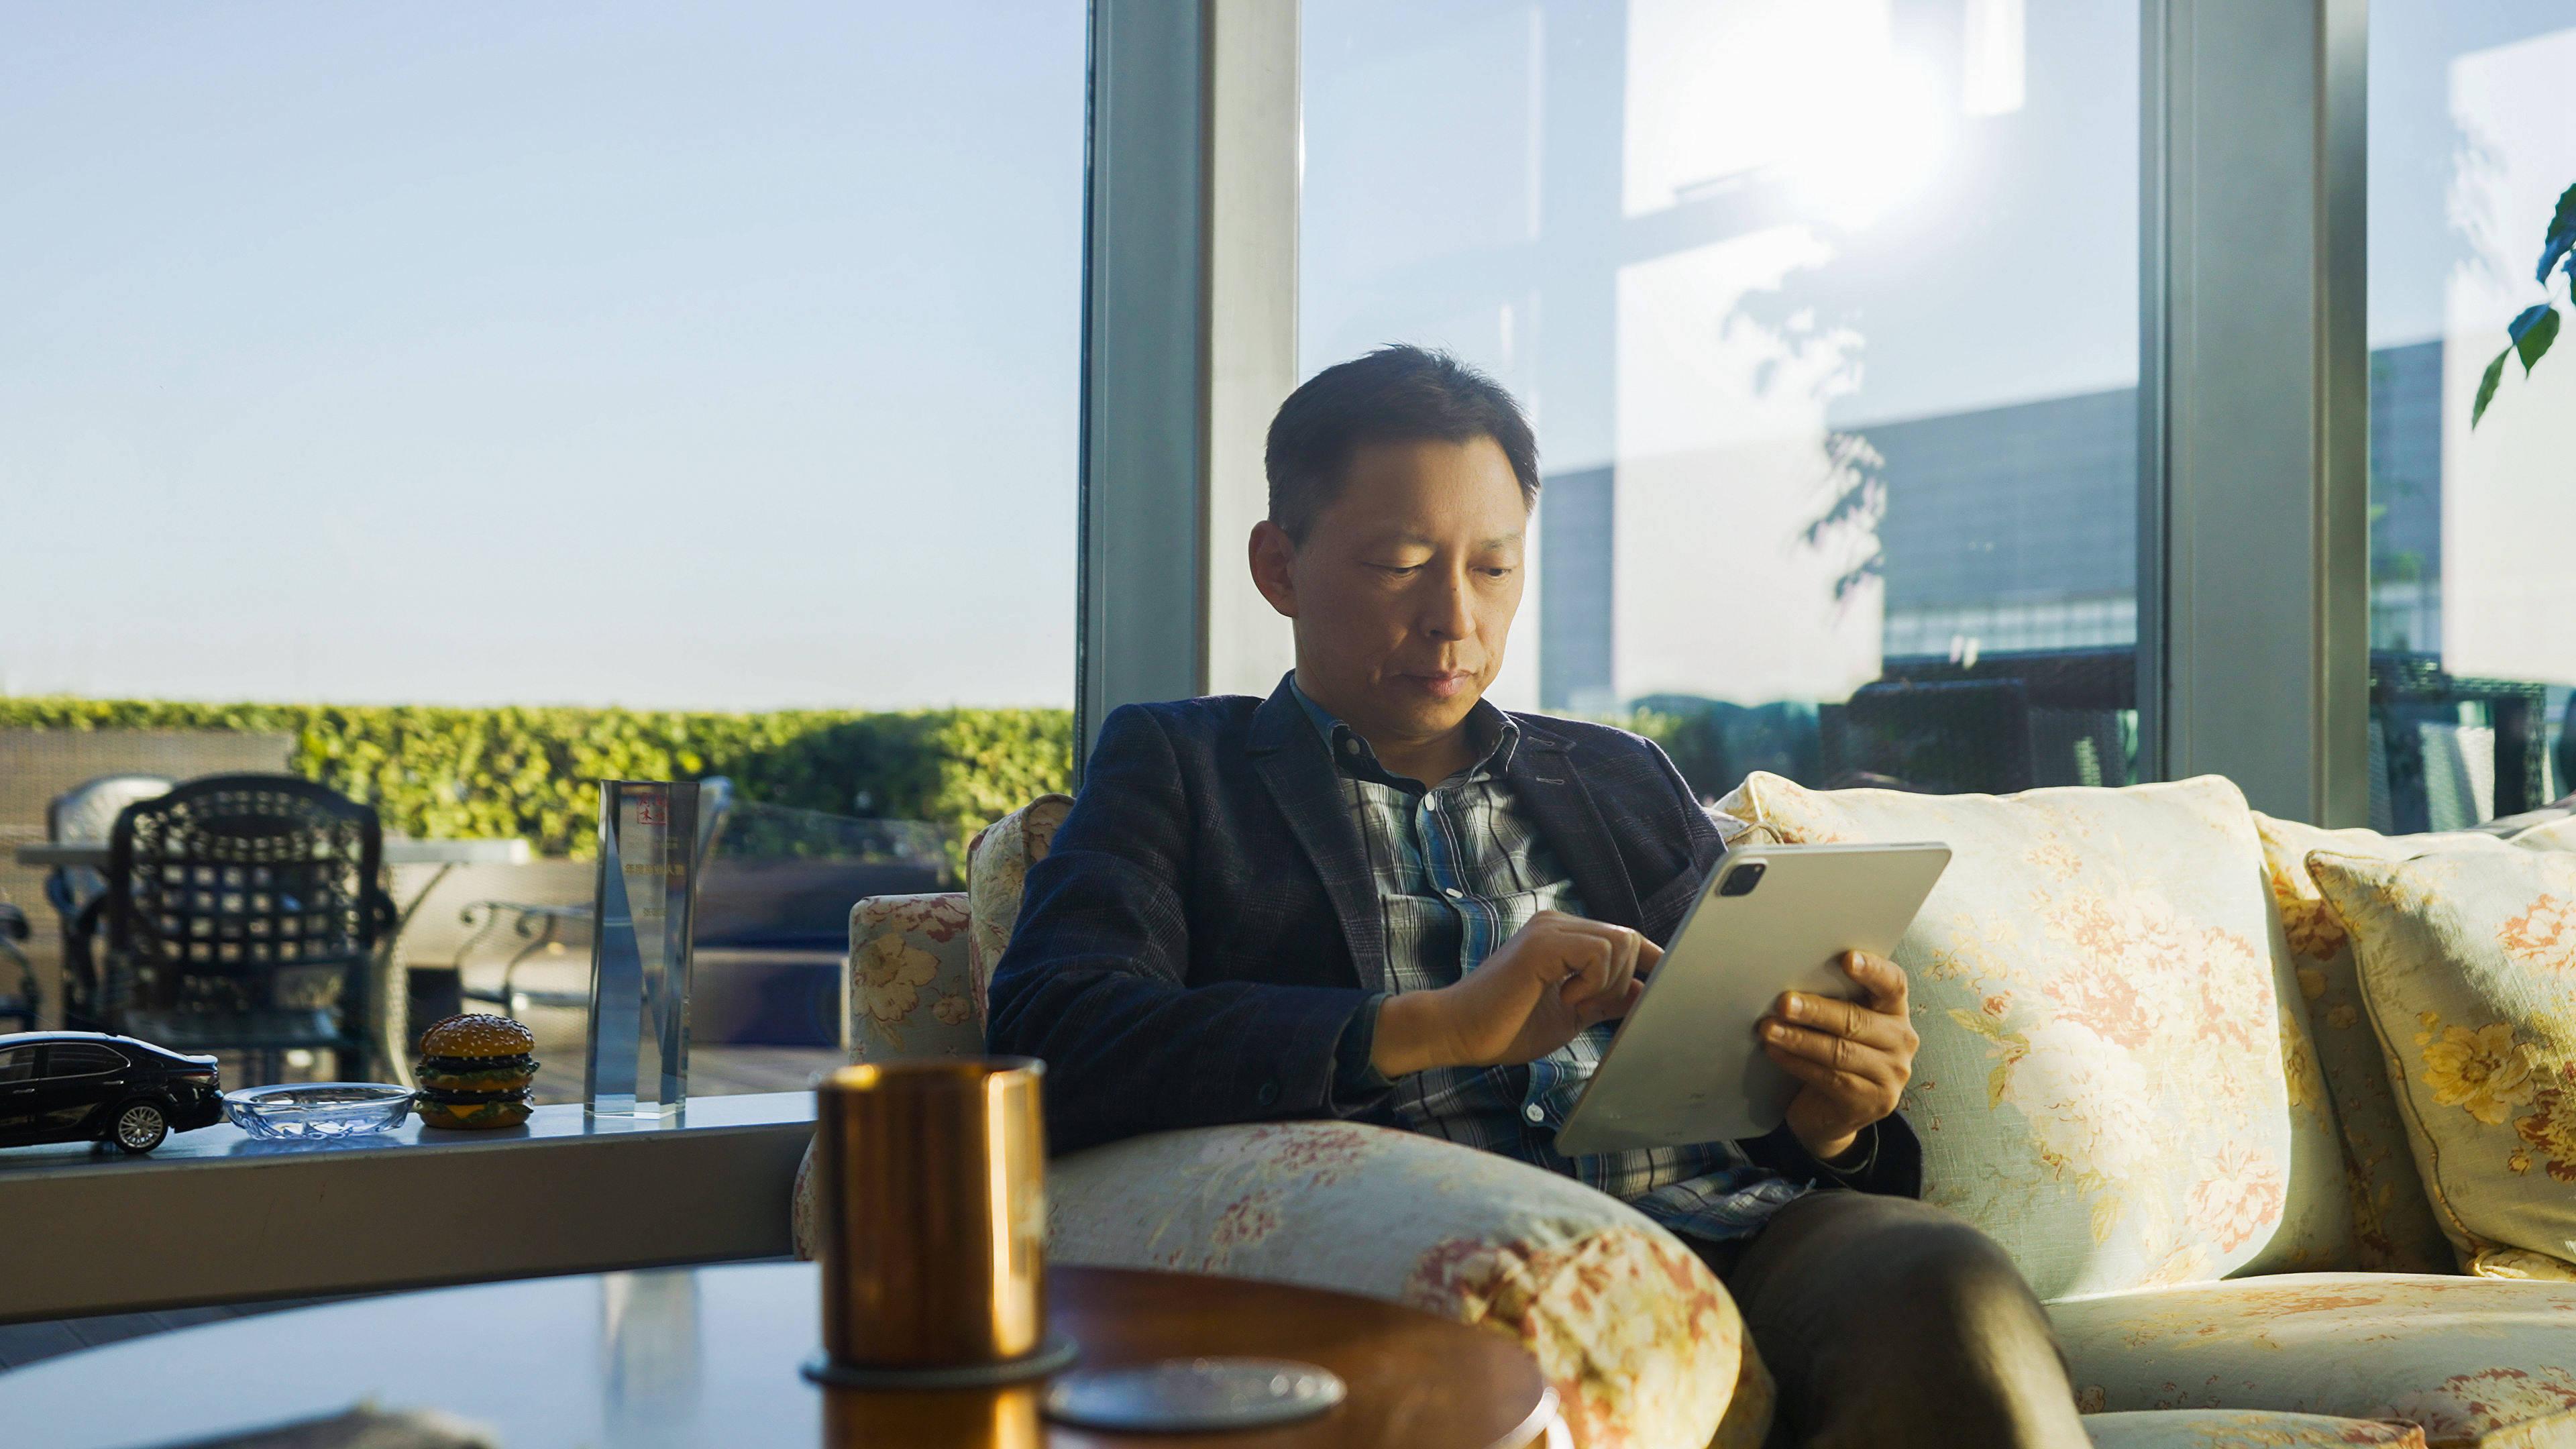 搜狐&碧桂圆:好房子不止是住所,是好用也是日常生活